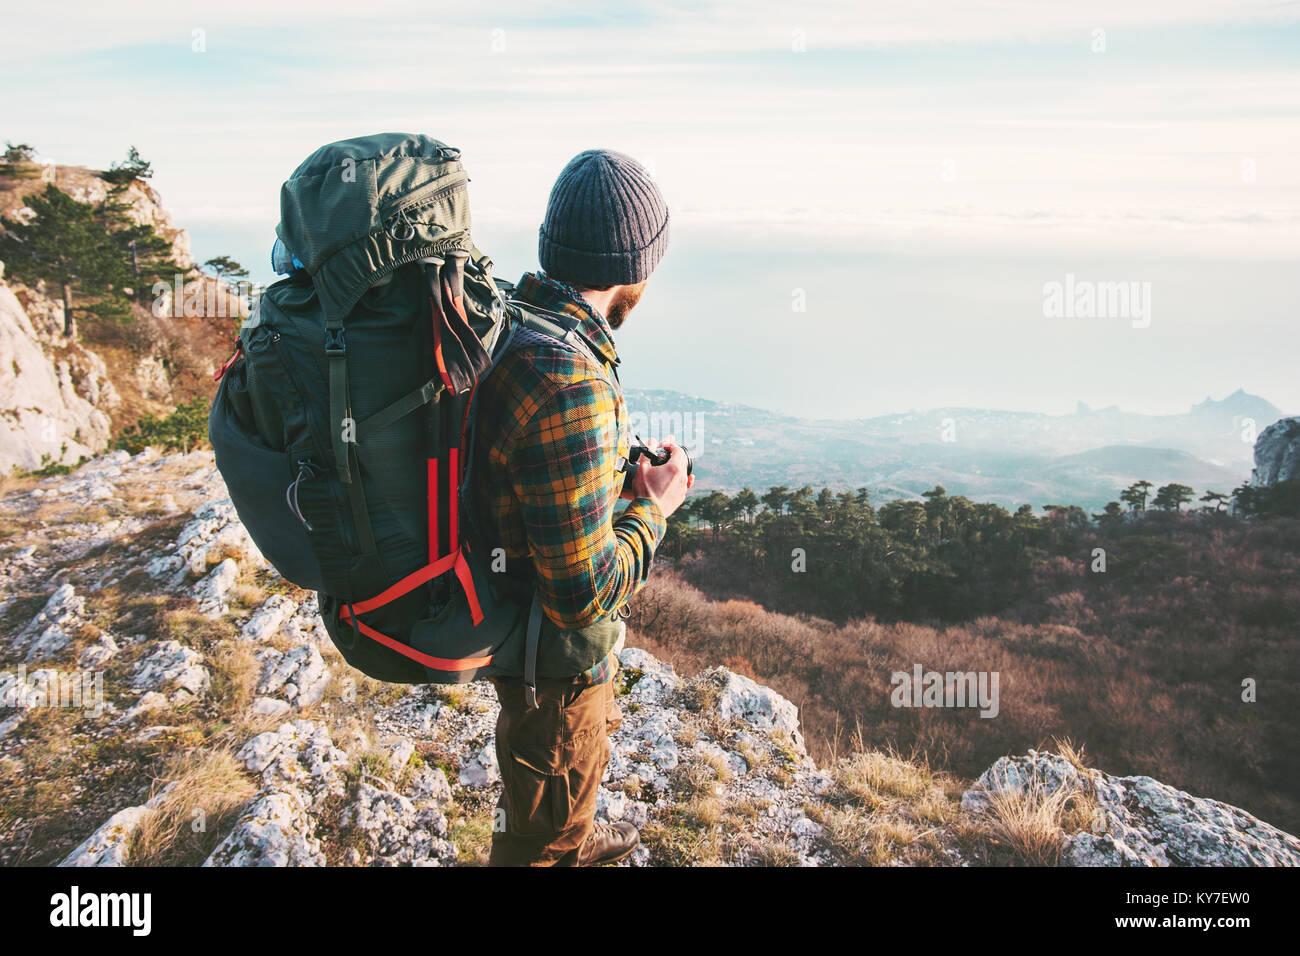 Hombre viajero con mochila escalar montañas Viajes éxito concepto de estilo de vida activo de aventura Imagen De Stock